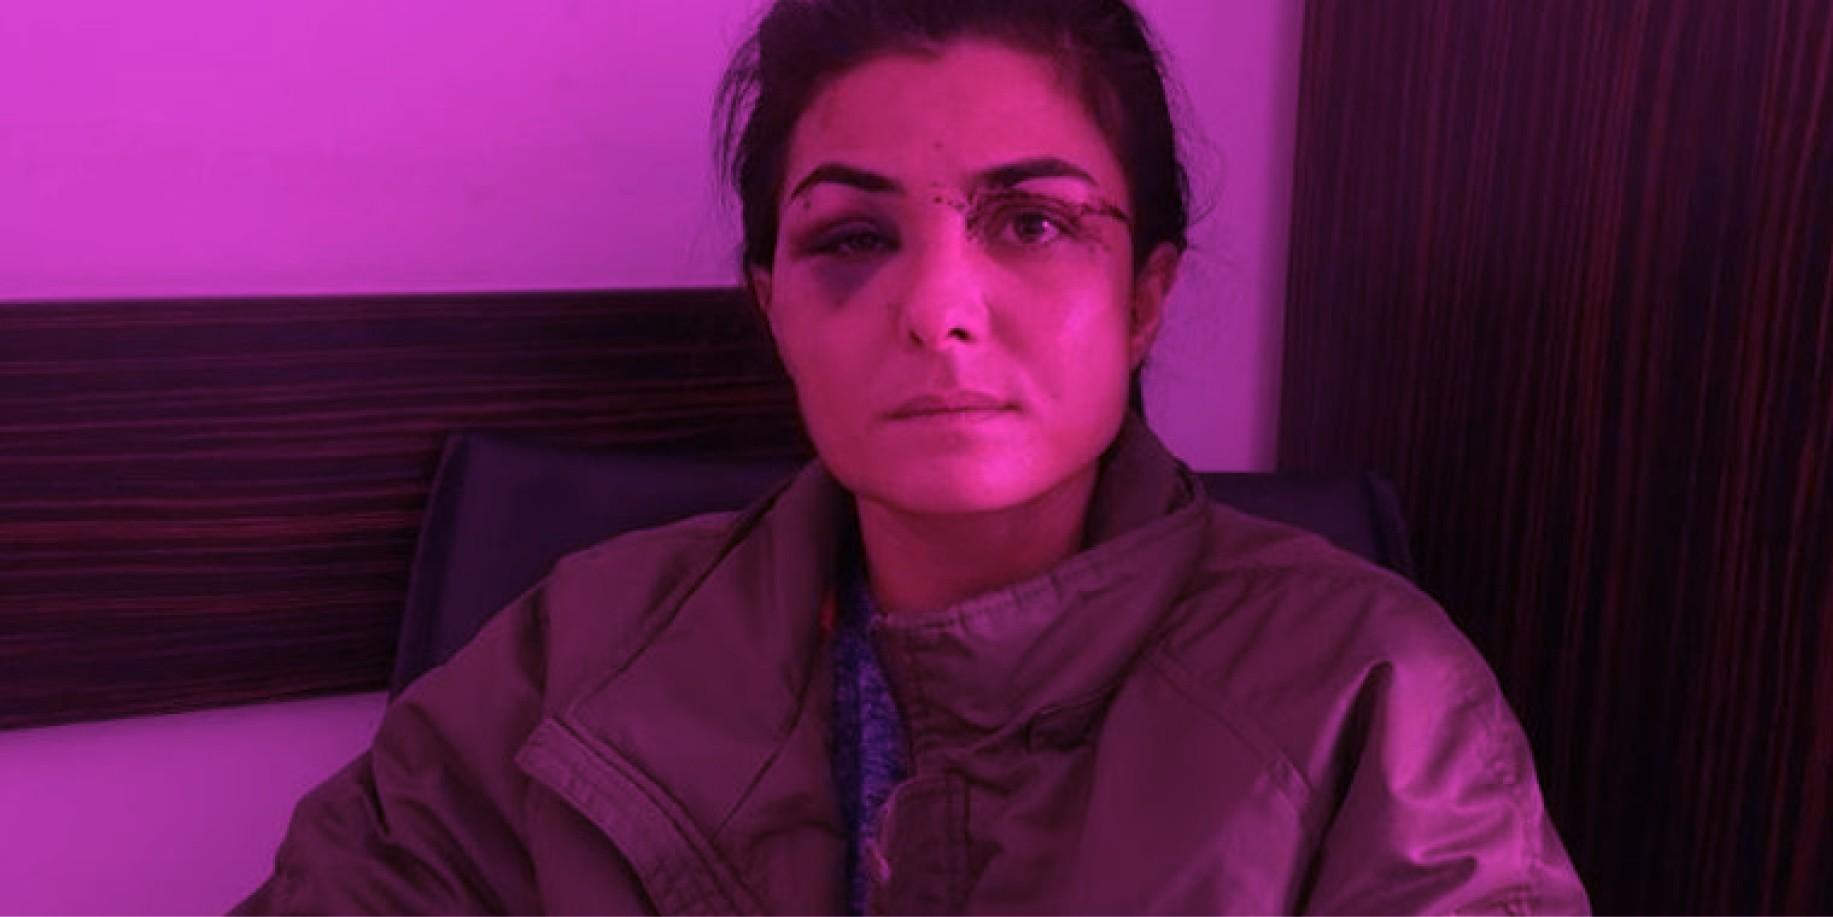 Τουρκία: Αθώα η Melek Ipek που σκότωσε σε αυτοάμυνα τον βασανιστή σύζυγο της Η Melek Ipek που είχε πυροβολήσει και σκοτώσει τον άντρα της, ο οποίος την κακοποιούσε συστηματικά, αφέθηκε ελεύθερη μετά από 108 μέρες κράτησης σε μια ιστορική δικαστική απόφαση για την Τουρκία λίγες ημέρες μετά την αποχώρηση της χώρας από τη σύμβαση της Κωνσταντινούπολης που αφορά την Πρόληψη και την Καταπολέμηση της Βίας κατά των γυναικών και της Ενδοοικογενειακής Βίας.